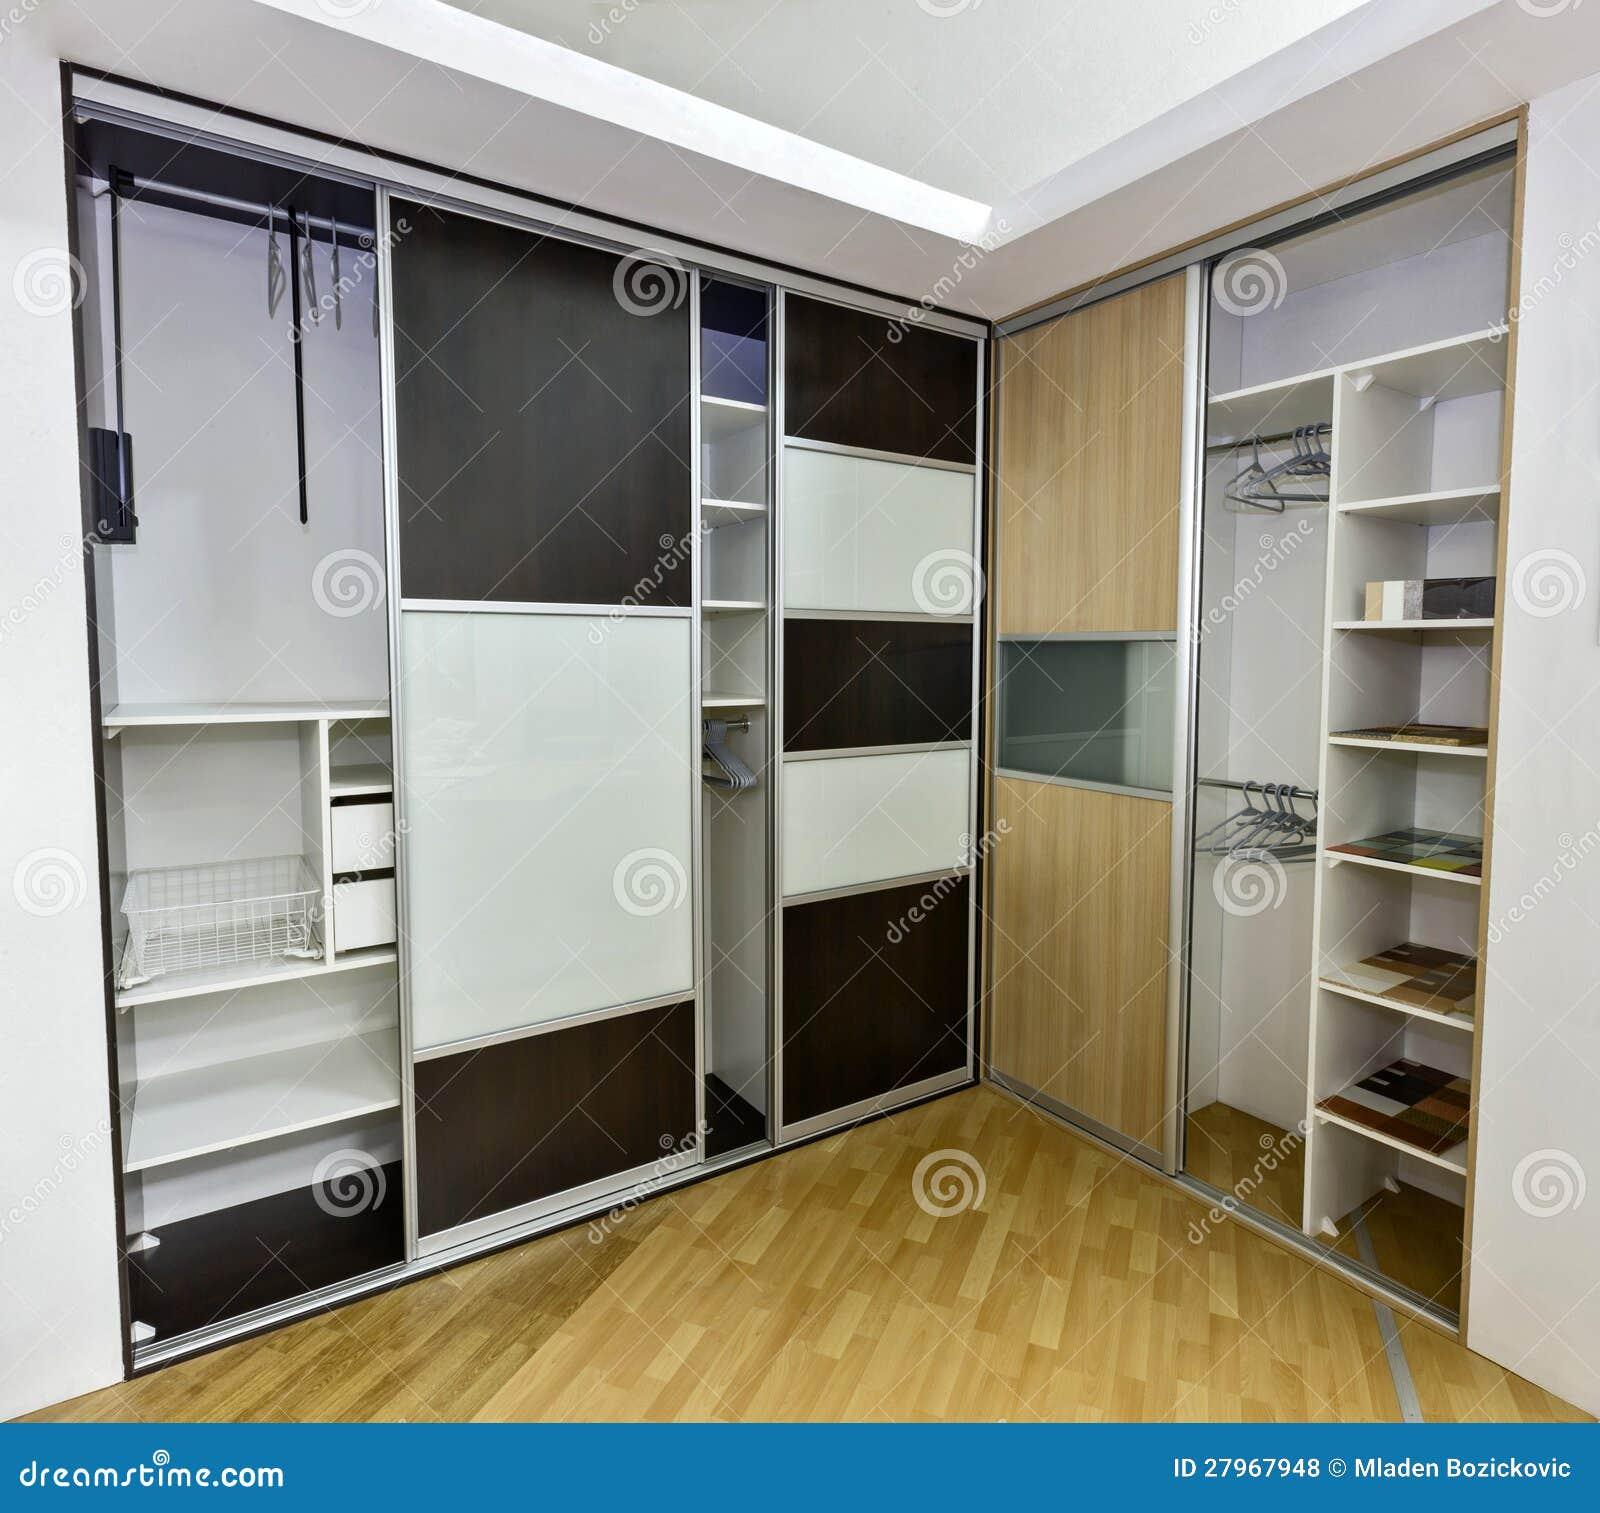 Zwei Wandschränke Mit Schiebetüren Stockfoto - Bild von verzieren ...